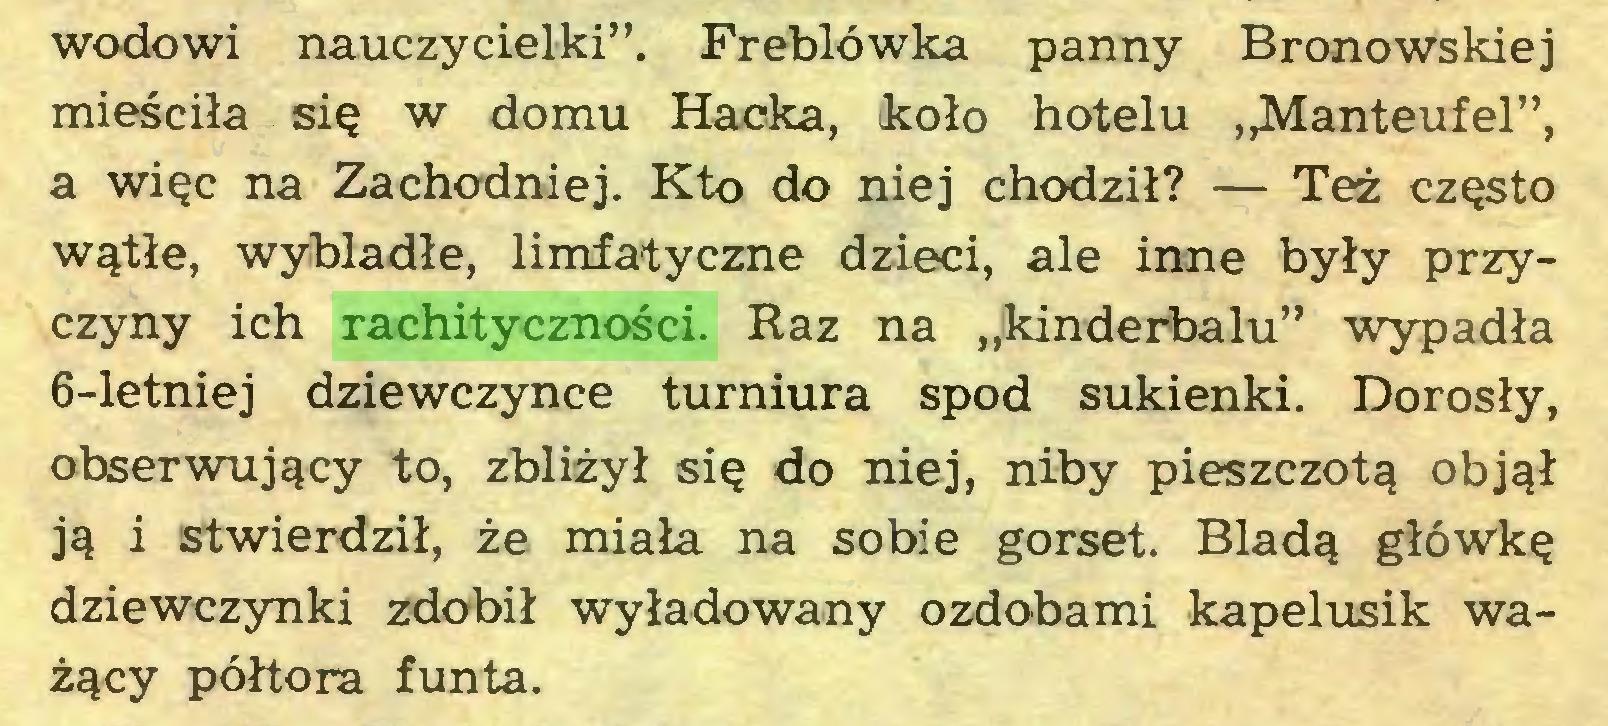 """(...) wodowi nauczycielki"""". Freblówka panny Bronowskiej mieściła się w domu Hacka, koło hotelu ,^4anteufel"""", a więc na Zachodniej. Kto do niej chodził? — Też często wątłe, wybladłe, limfatyczne dzieci, ale inne były przyczyny ich rachityczności. Raz na """"kinderbalu"""" wypadła 6-letniej dziewczynce turniura spod sukienki. Dorosły, obserwujący to, zbliżył się do niej, niby pieszczotą objął ją i stwierdził, że miała na sobie gorset. Bladą główkę dziewczynki zdobił wyładowany ozdobami kapelusik ważący półtora funta..."""